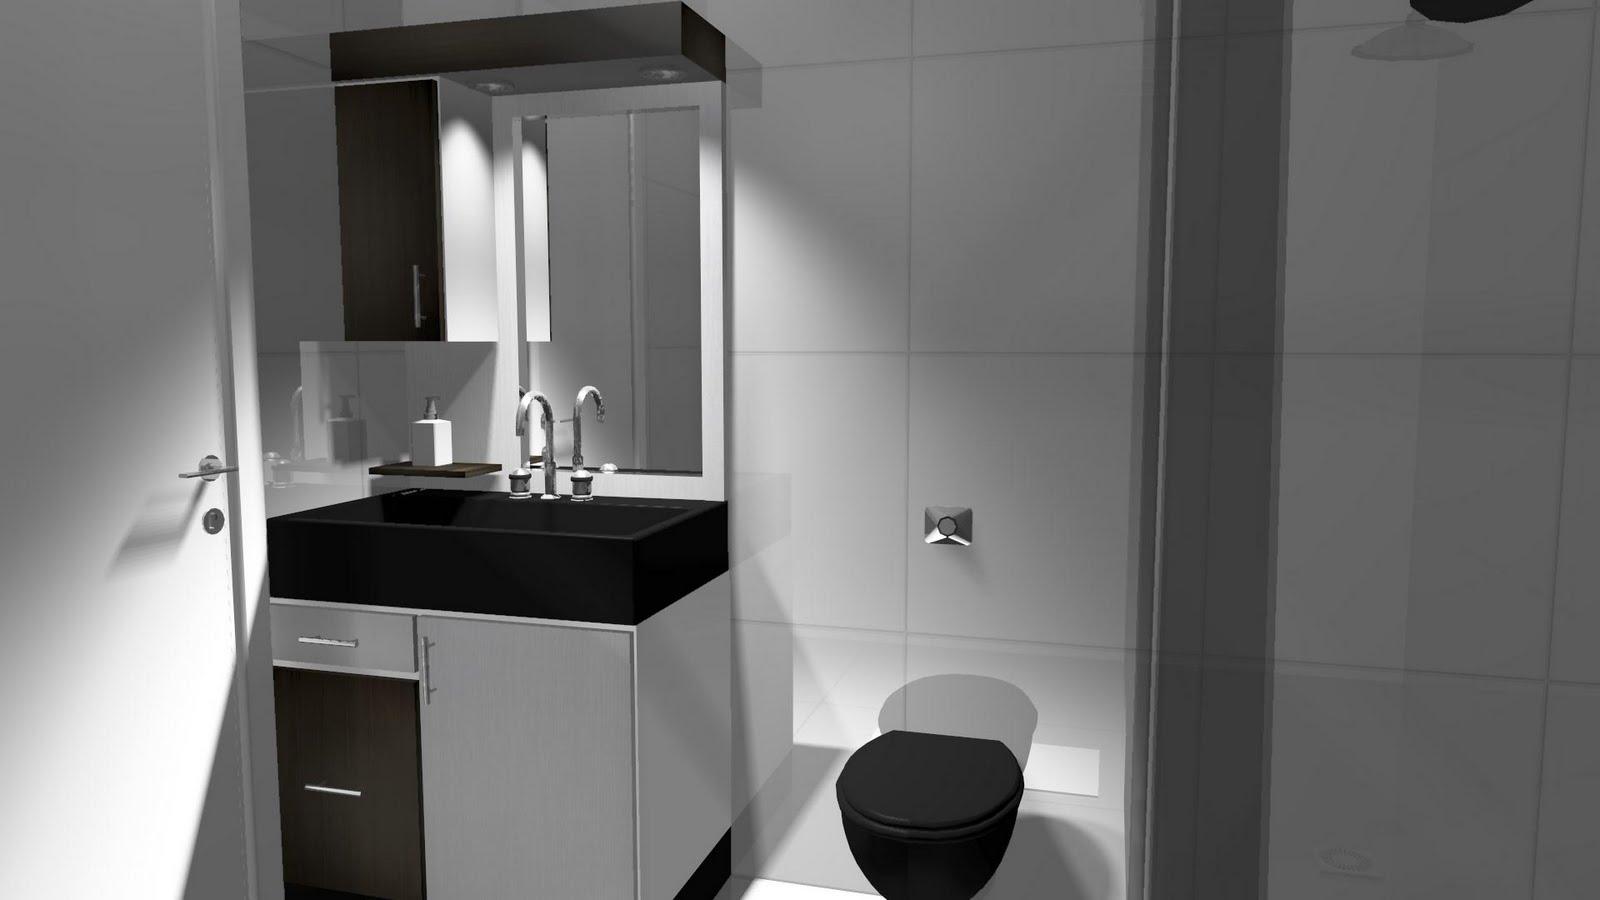 Espaço Nobre Design: Balcão de Banheiro (Ébano Exótico Montego  #595751 1600x900 Balcão De Banheiro Tumelero